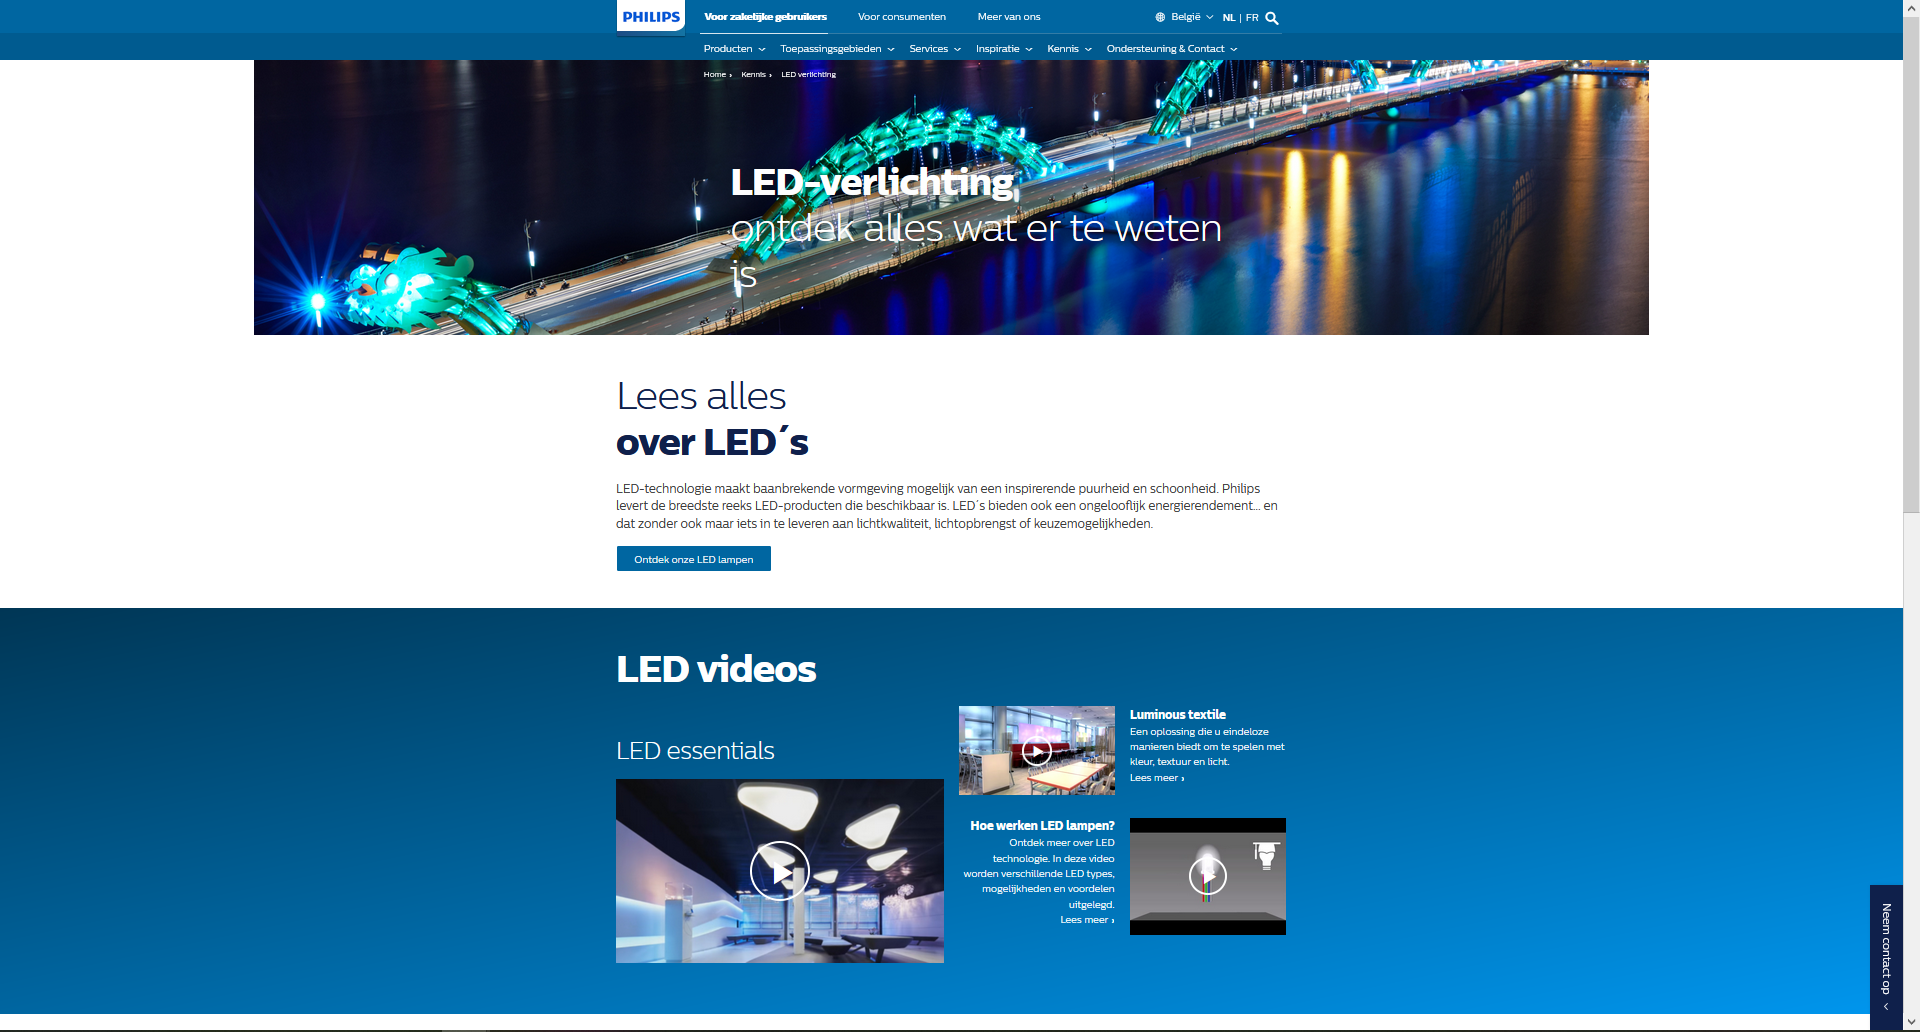 Informatieplatform van fabrikant rond verlichting